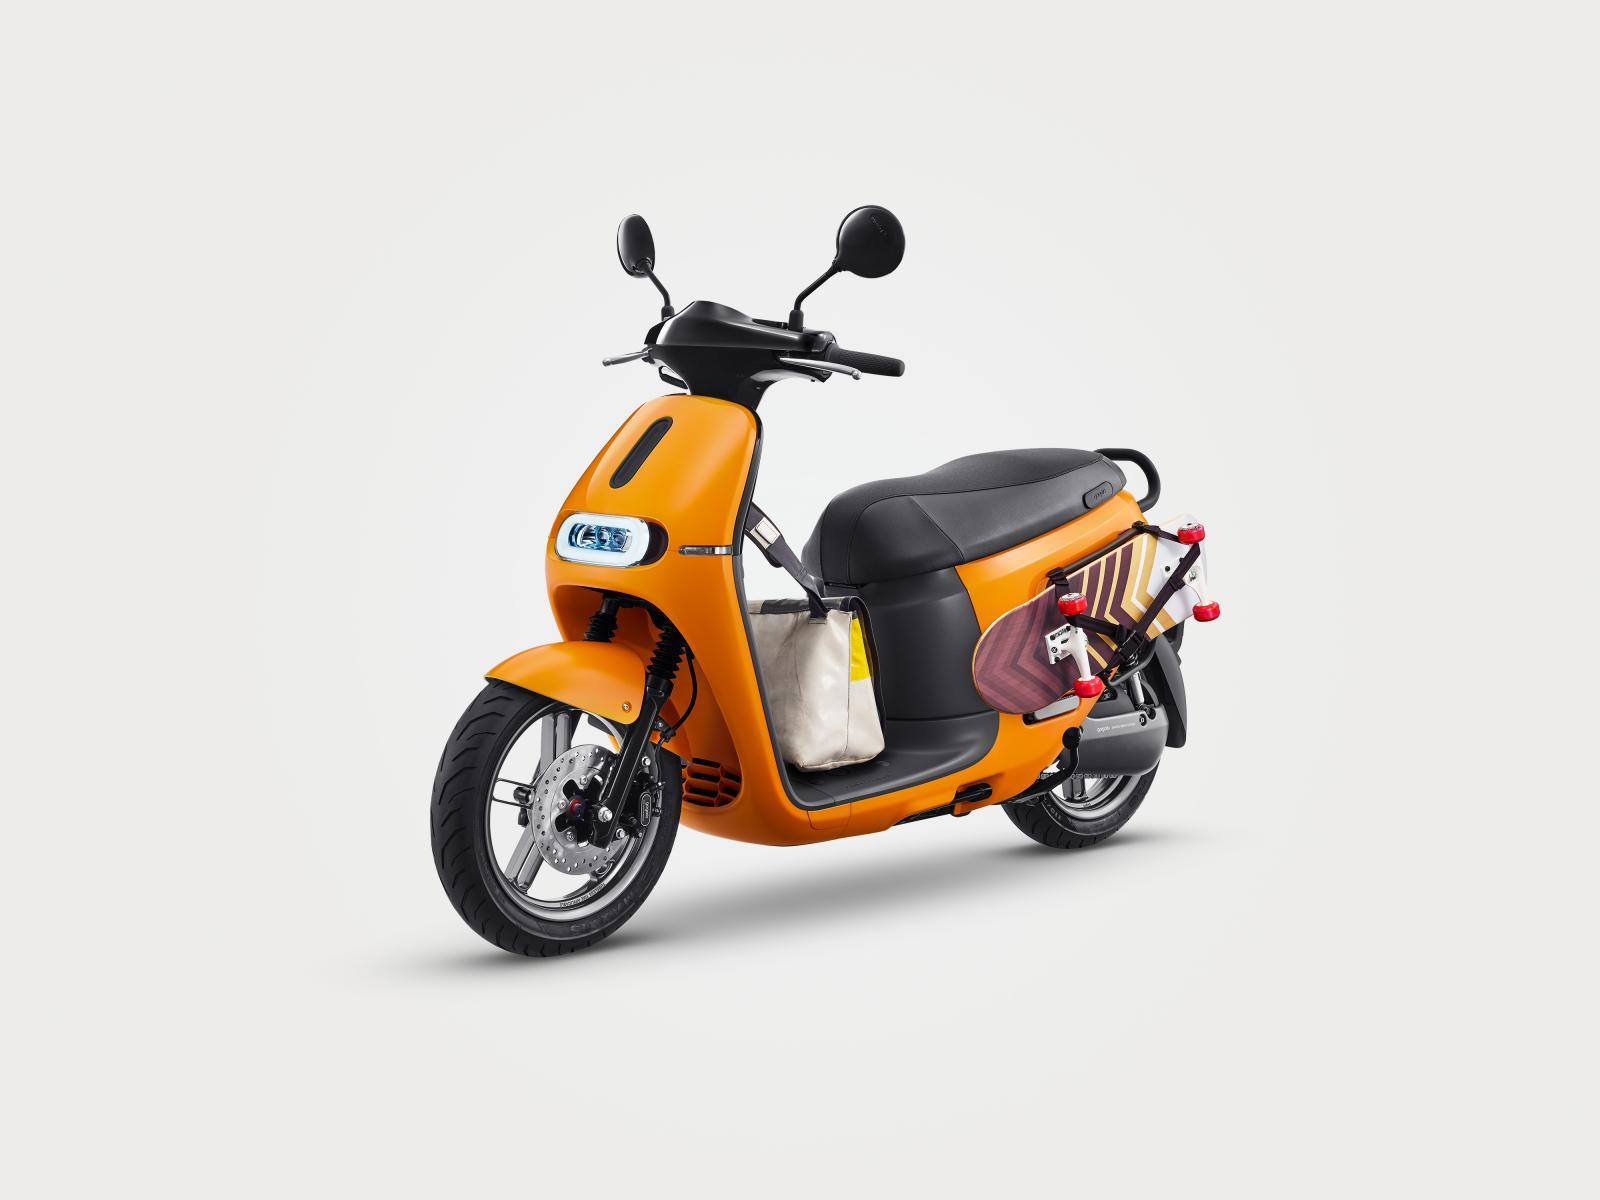 Xe máy điện Honda Gogoro thông minh bền bỉ